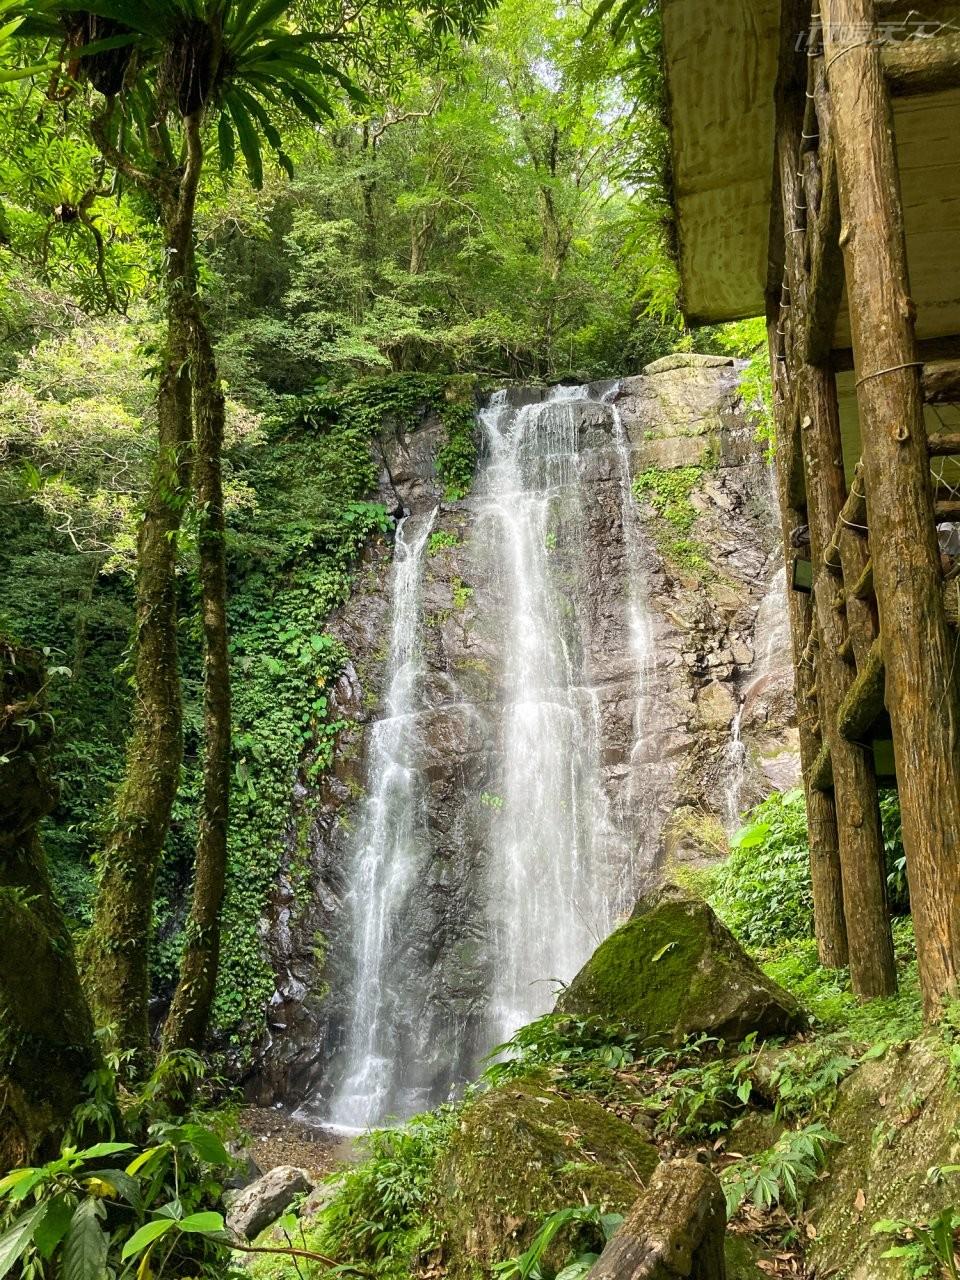 07處女瀑布高約25公尺,水流傾瀉而下十分壯觀,水量豐沛石油如白色簾幕,不時出現彩虹,是園區的人氣景點。(圖/新竹林管處提供.陳怡妙攝影)